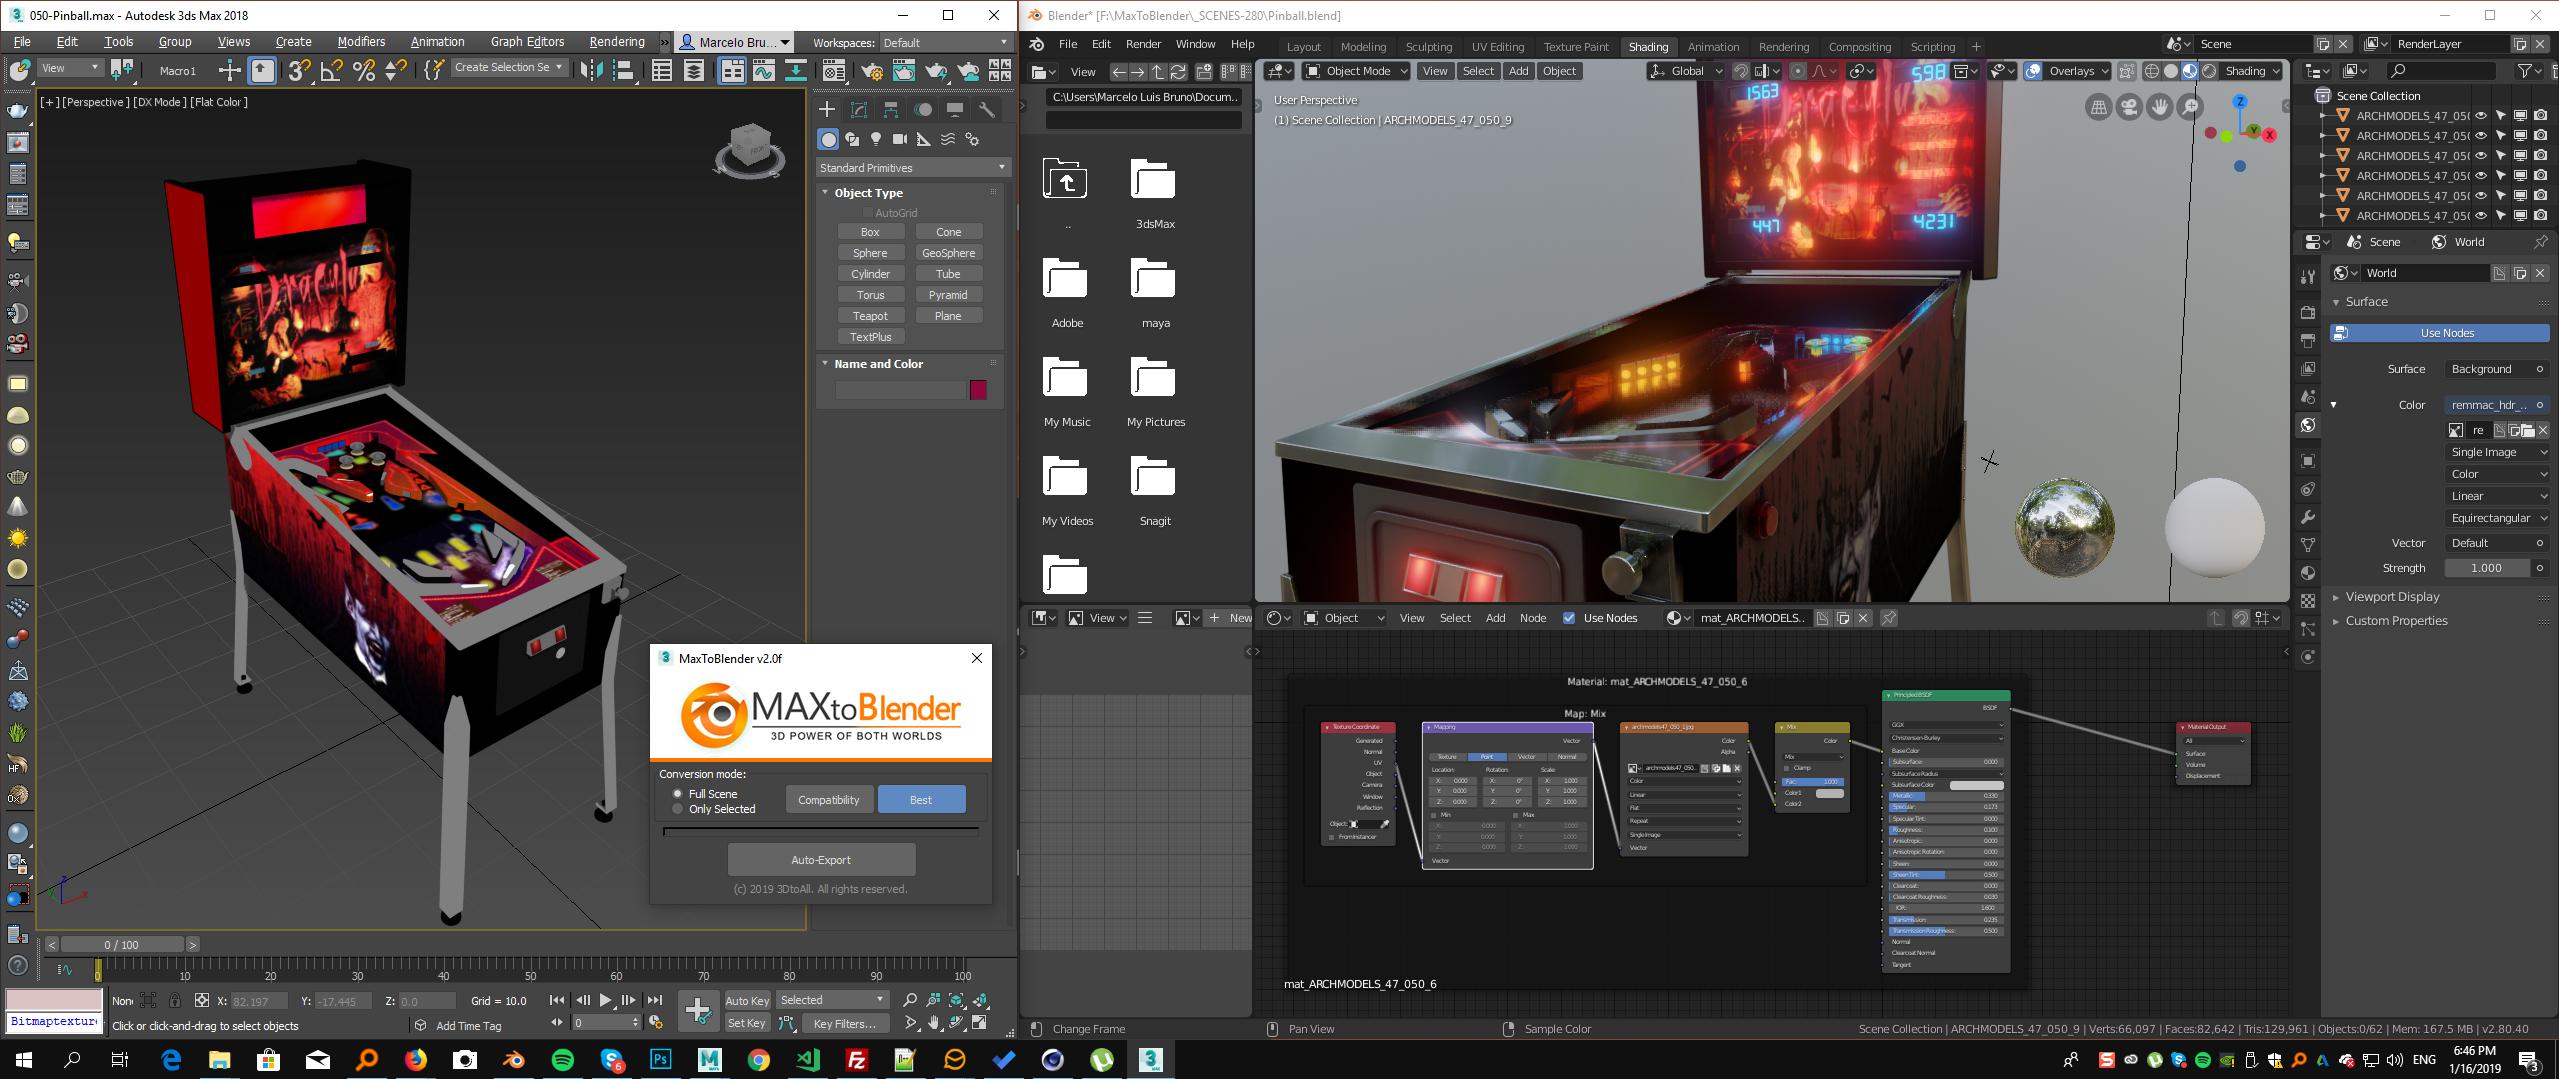 MaxToBlender – 3DtoAll